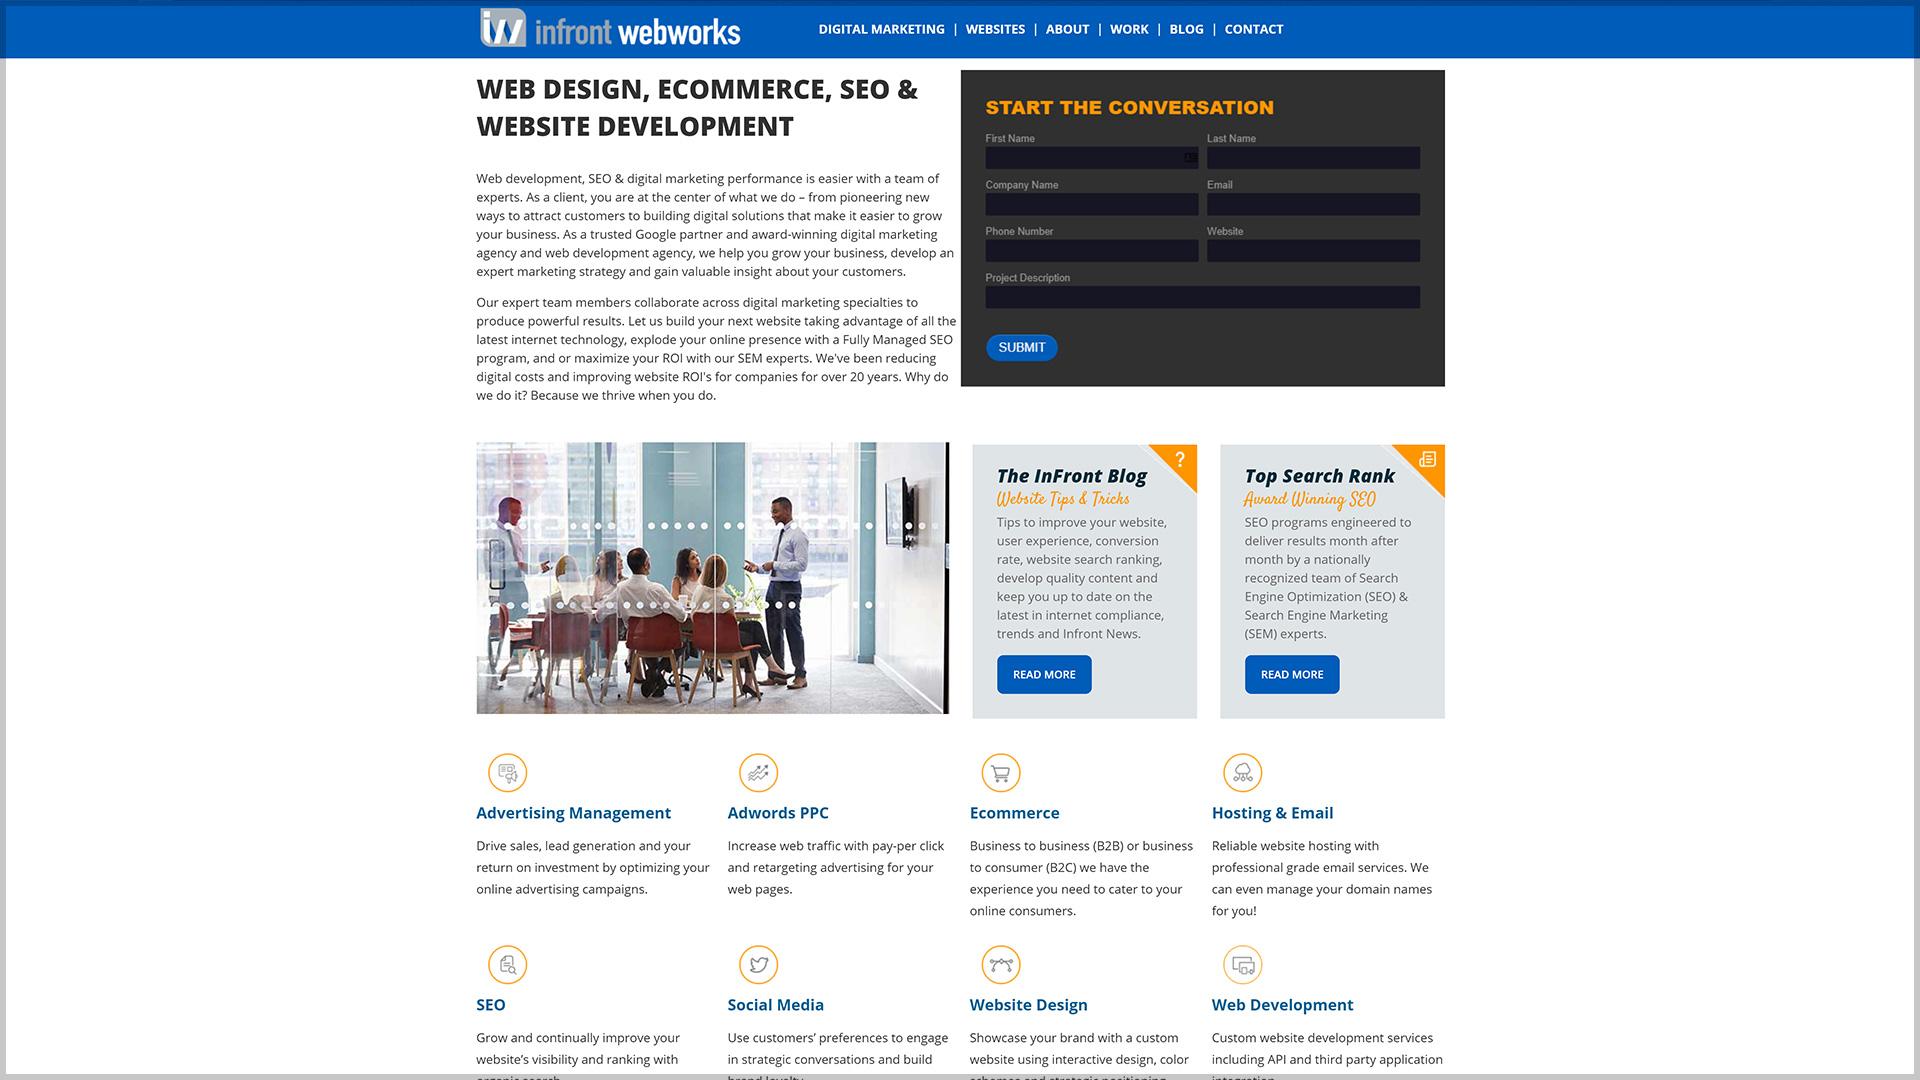 Infront Webworks